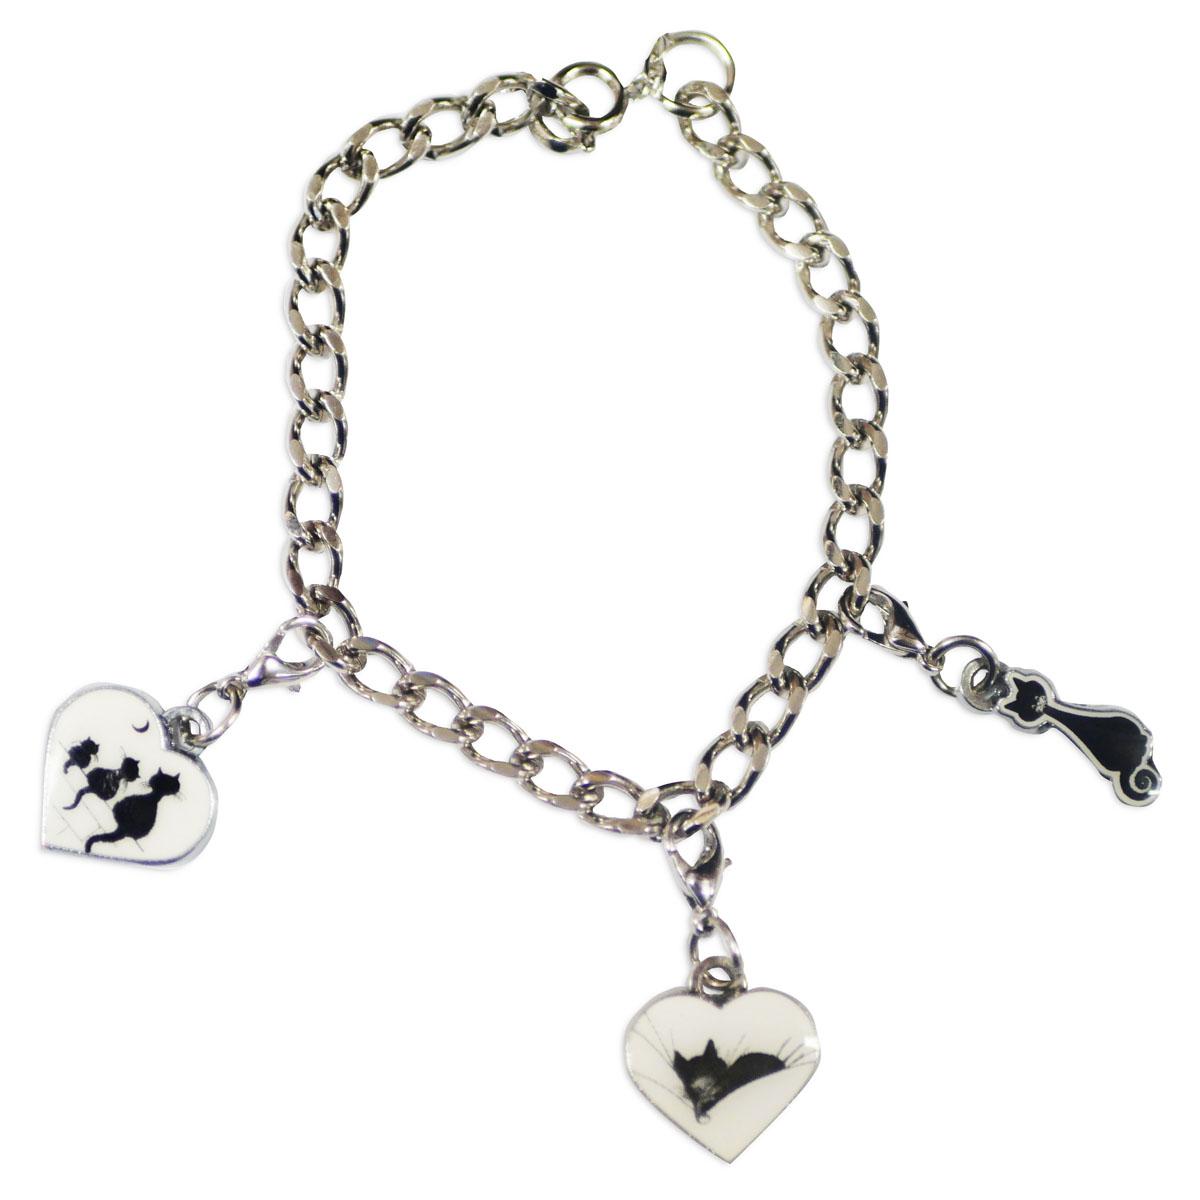 Bracelet créateur \'Chats Dubout\' blanc noir - 195 cm, coeurs 15x13 mm - [R3099]